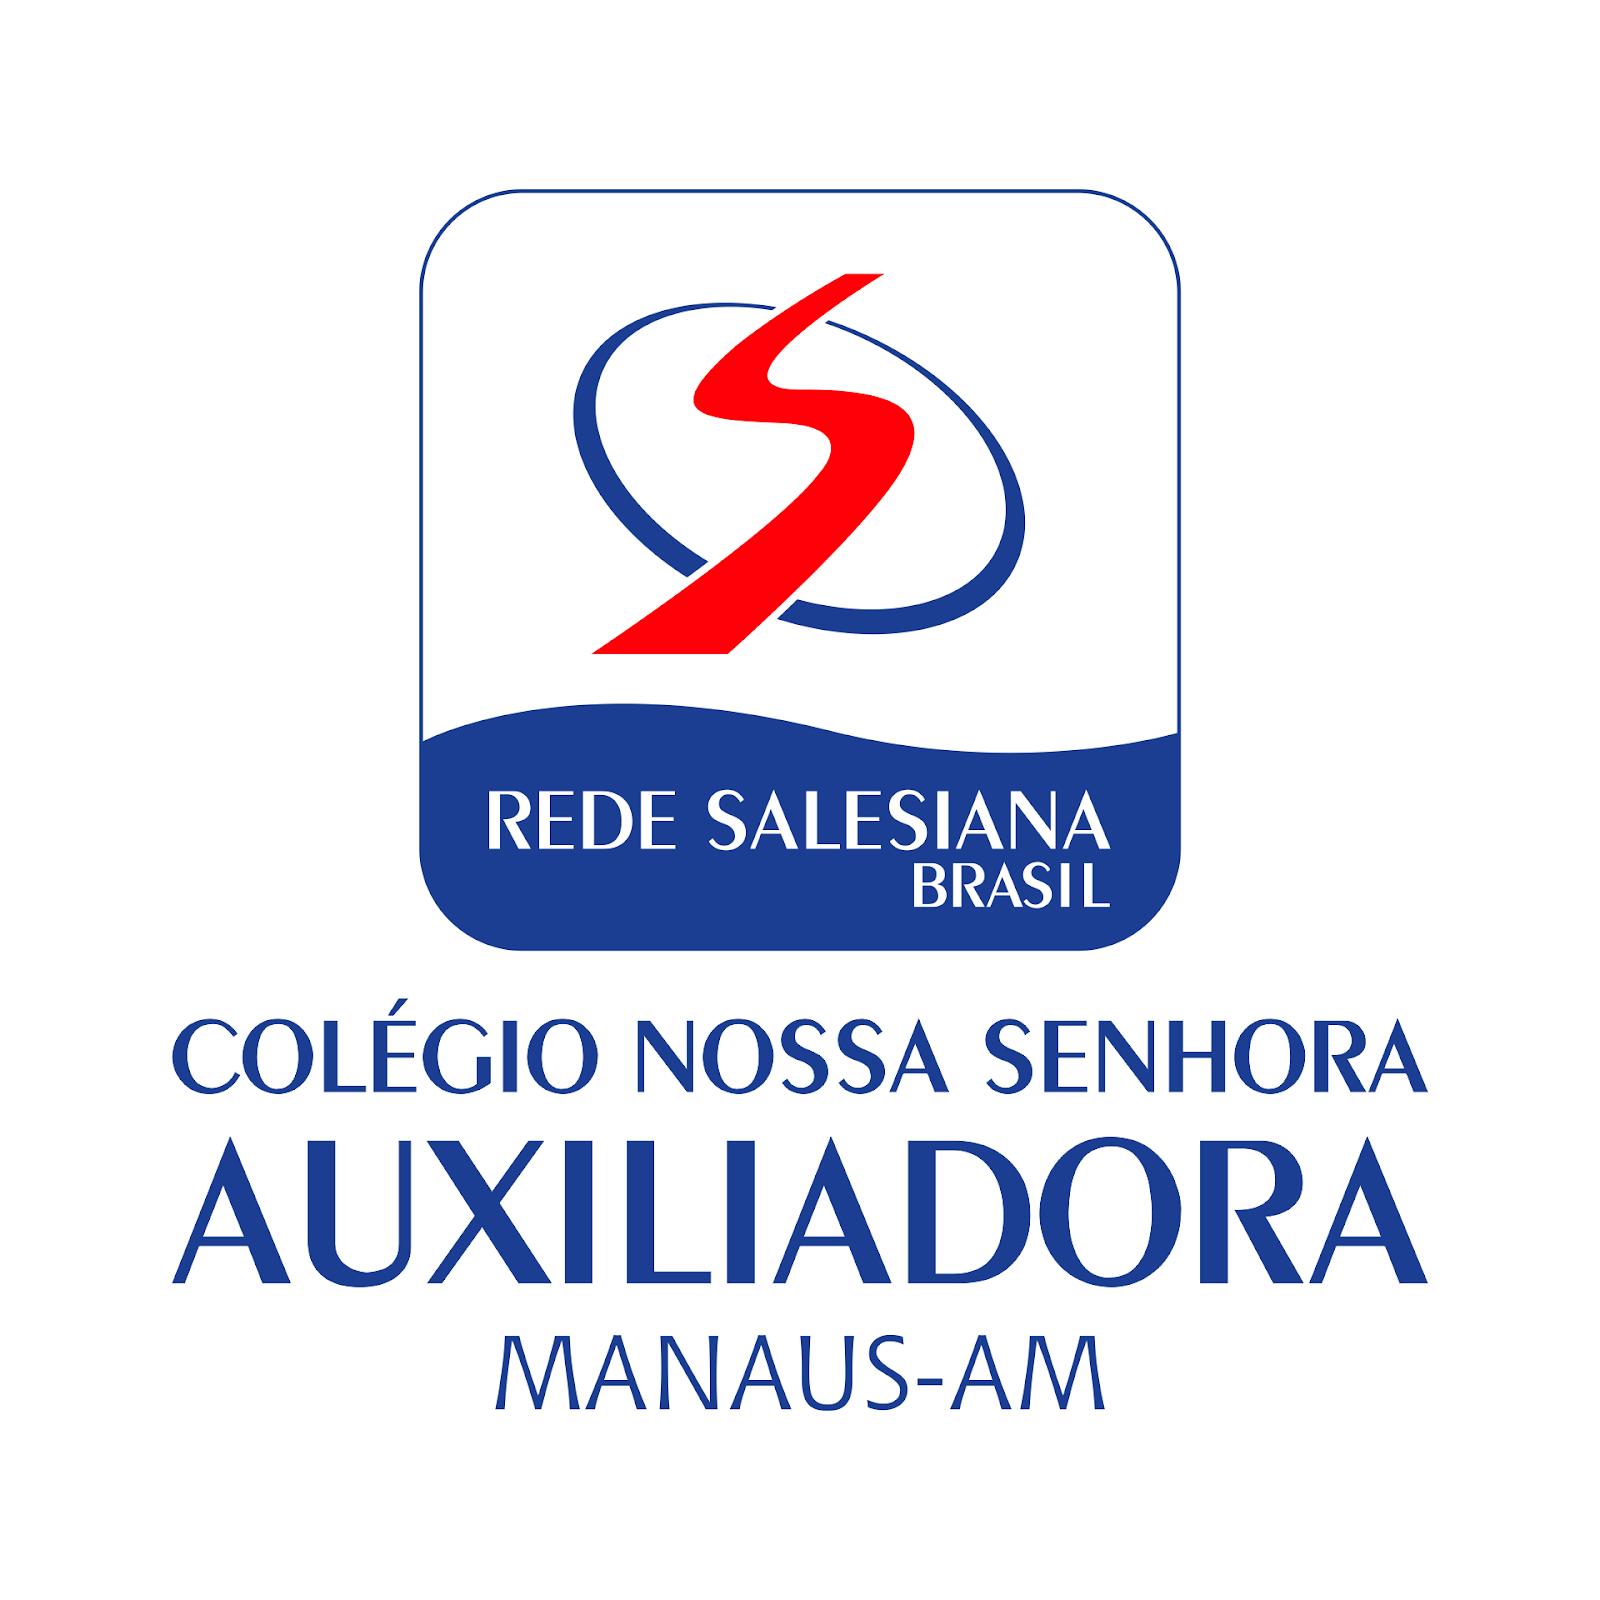 Colégio Nossa Senhora Auxiliadora